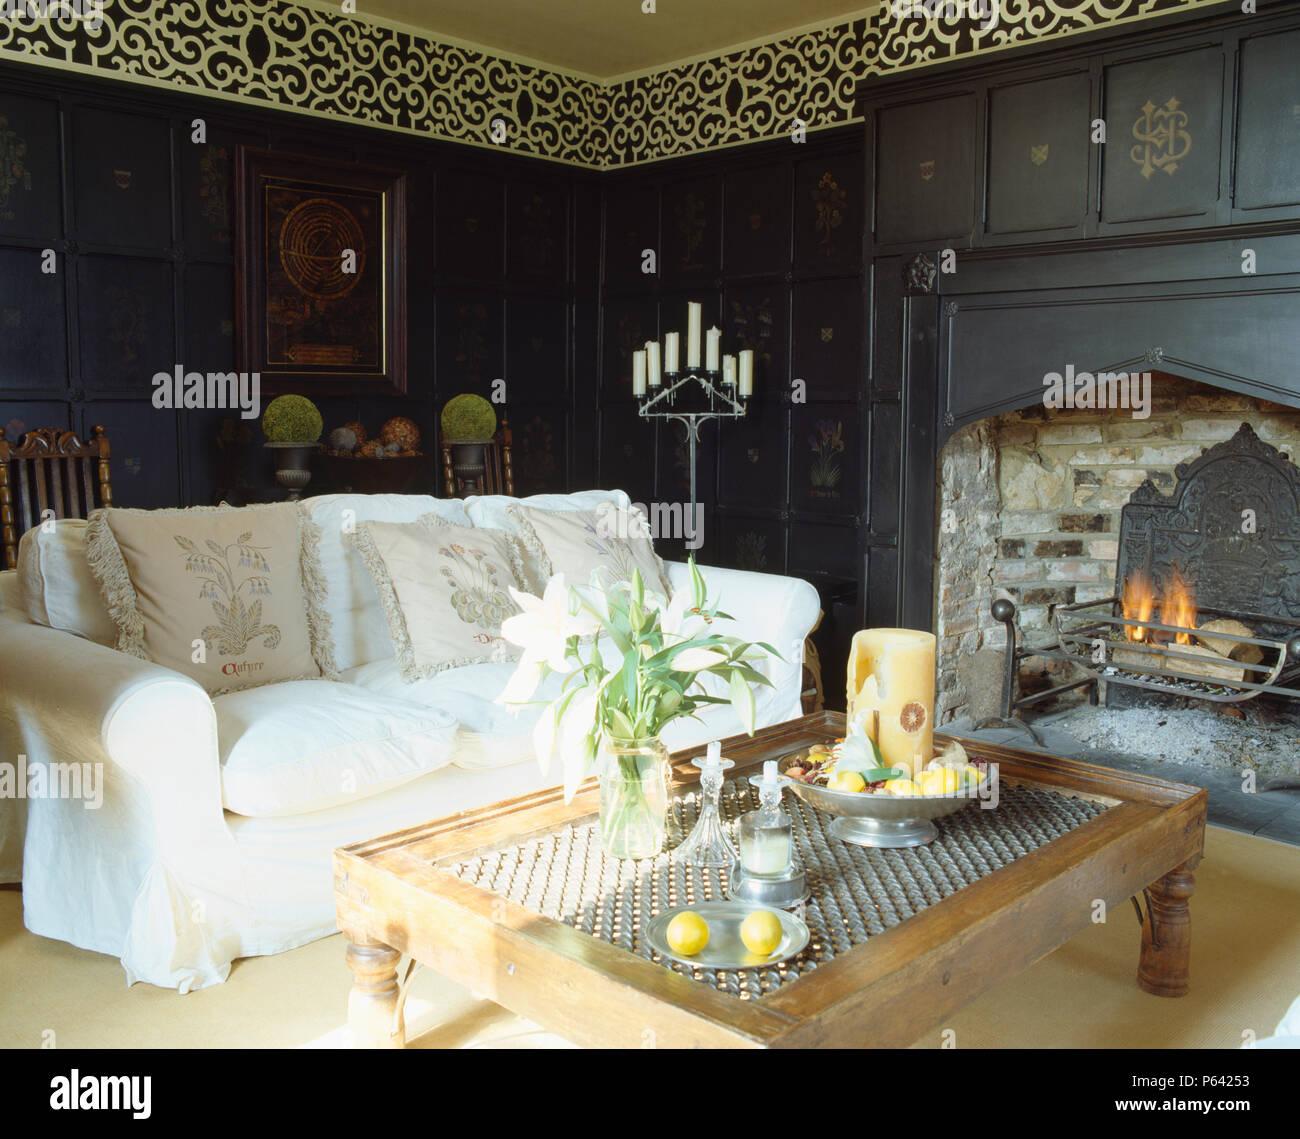 Weiß Sofa und indonesischen Holz Tisch vor einem Kamin mit ...